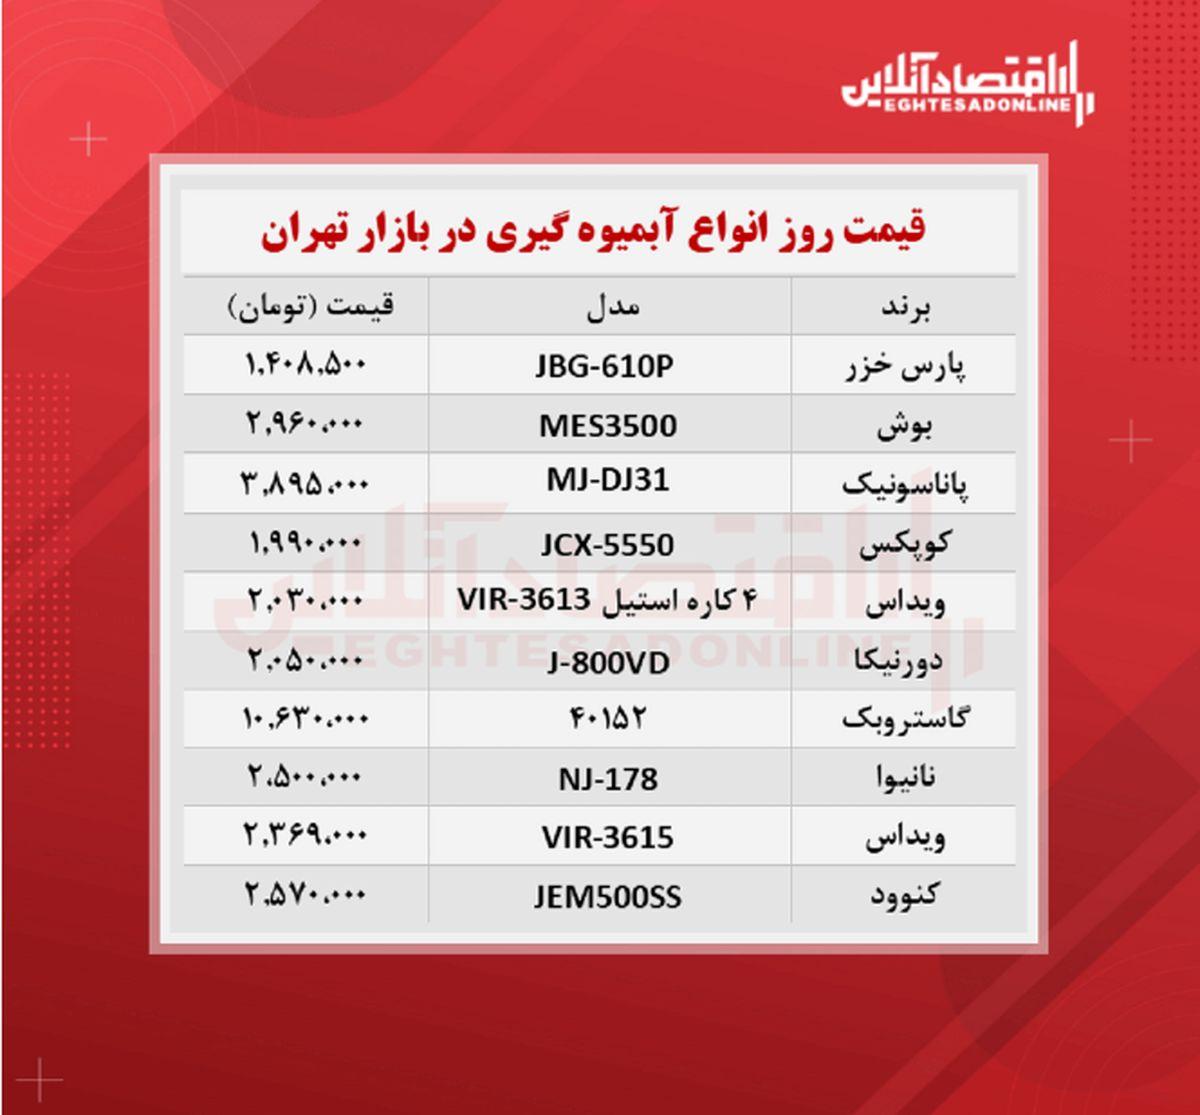 قیمت جدید آبمیوه گیری (۱۴۰۰/۷/۲۱)